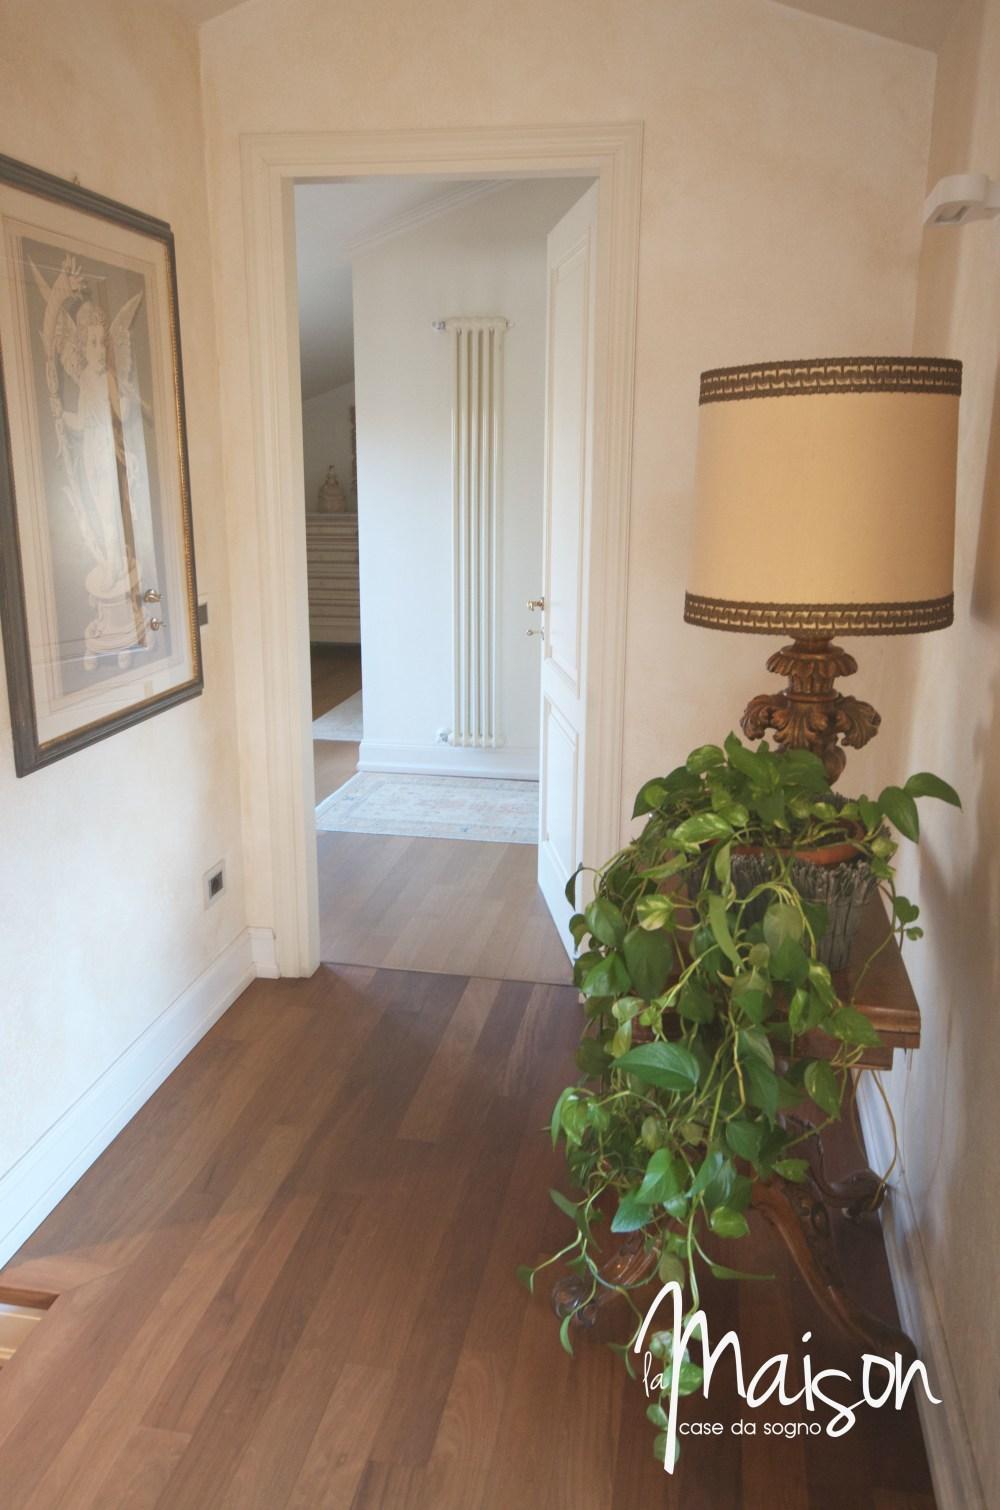 appartamento con mansarda la castellina prato agenzia immobiliare case vendita la maison case da sogno prato18